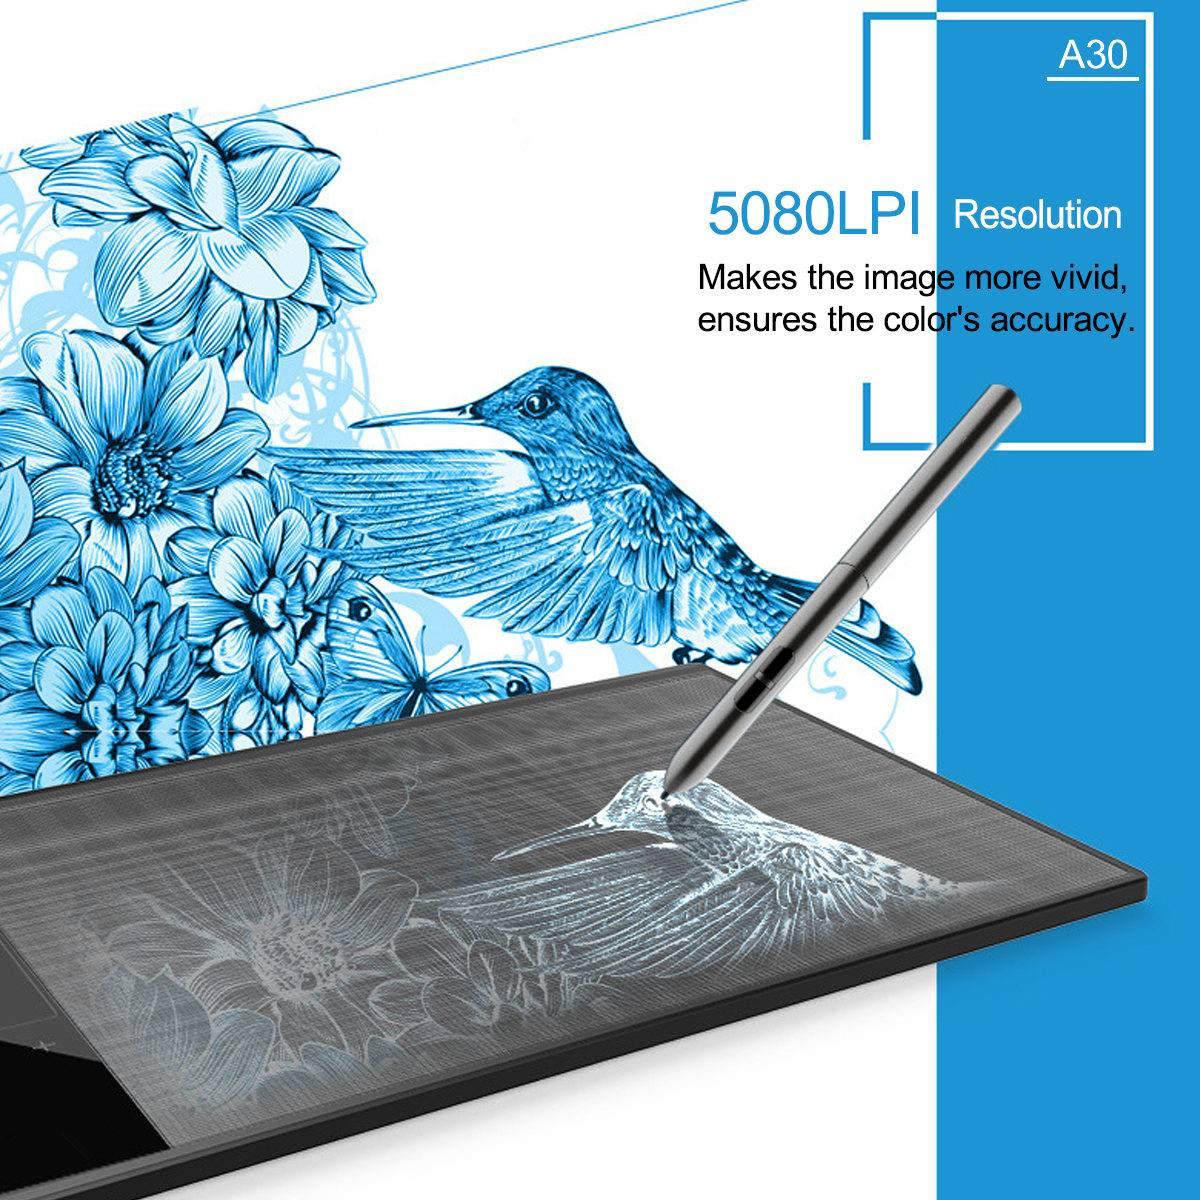 Tablette de dessin graphique A30 pour illustrateur 10x6 pouces grande zone Active bloc de dessin numérique avec stylo passif 8192 niveaux - 6